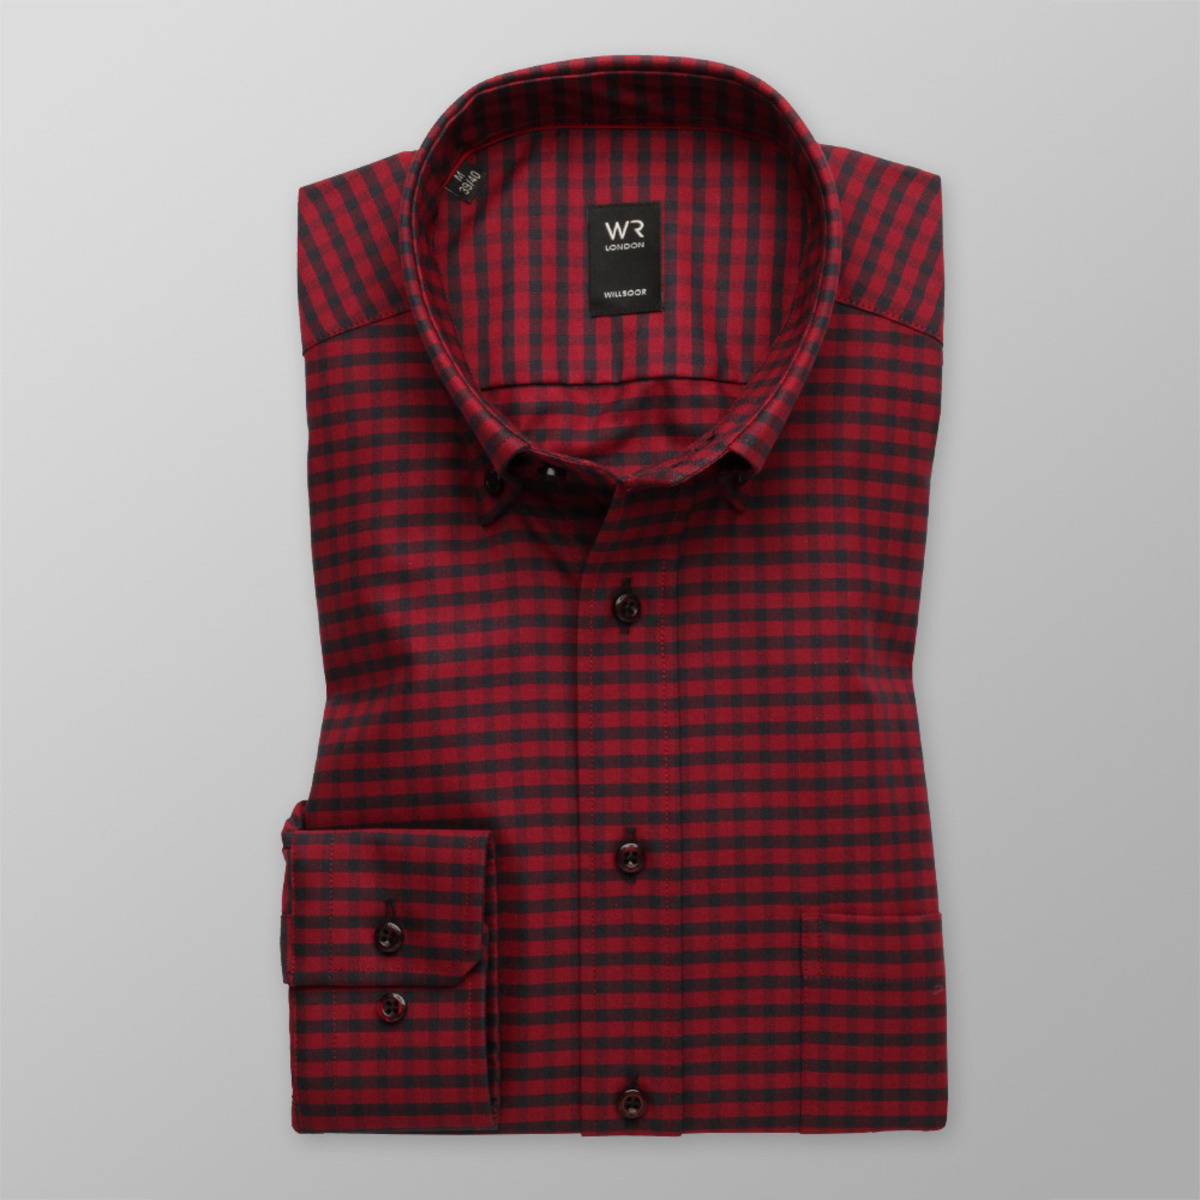 """Pánska klasická košeľa London (výška 176-182) 8662 v červené farbe s kockou """"gingham"""" 176-182 / XL (43/44)"""